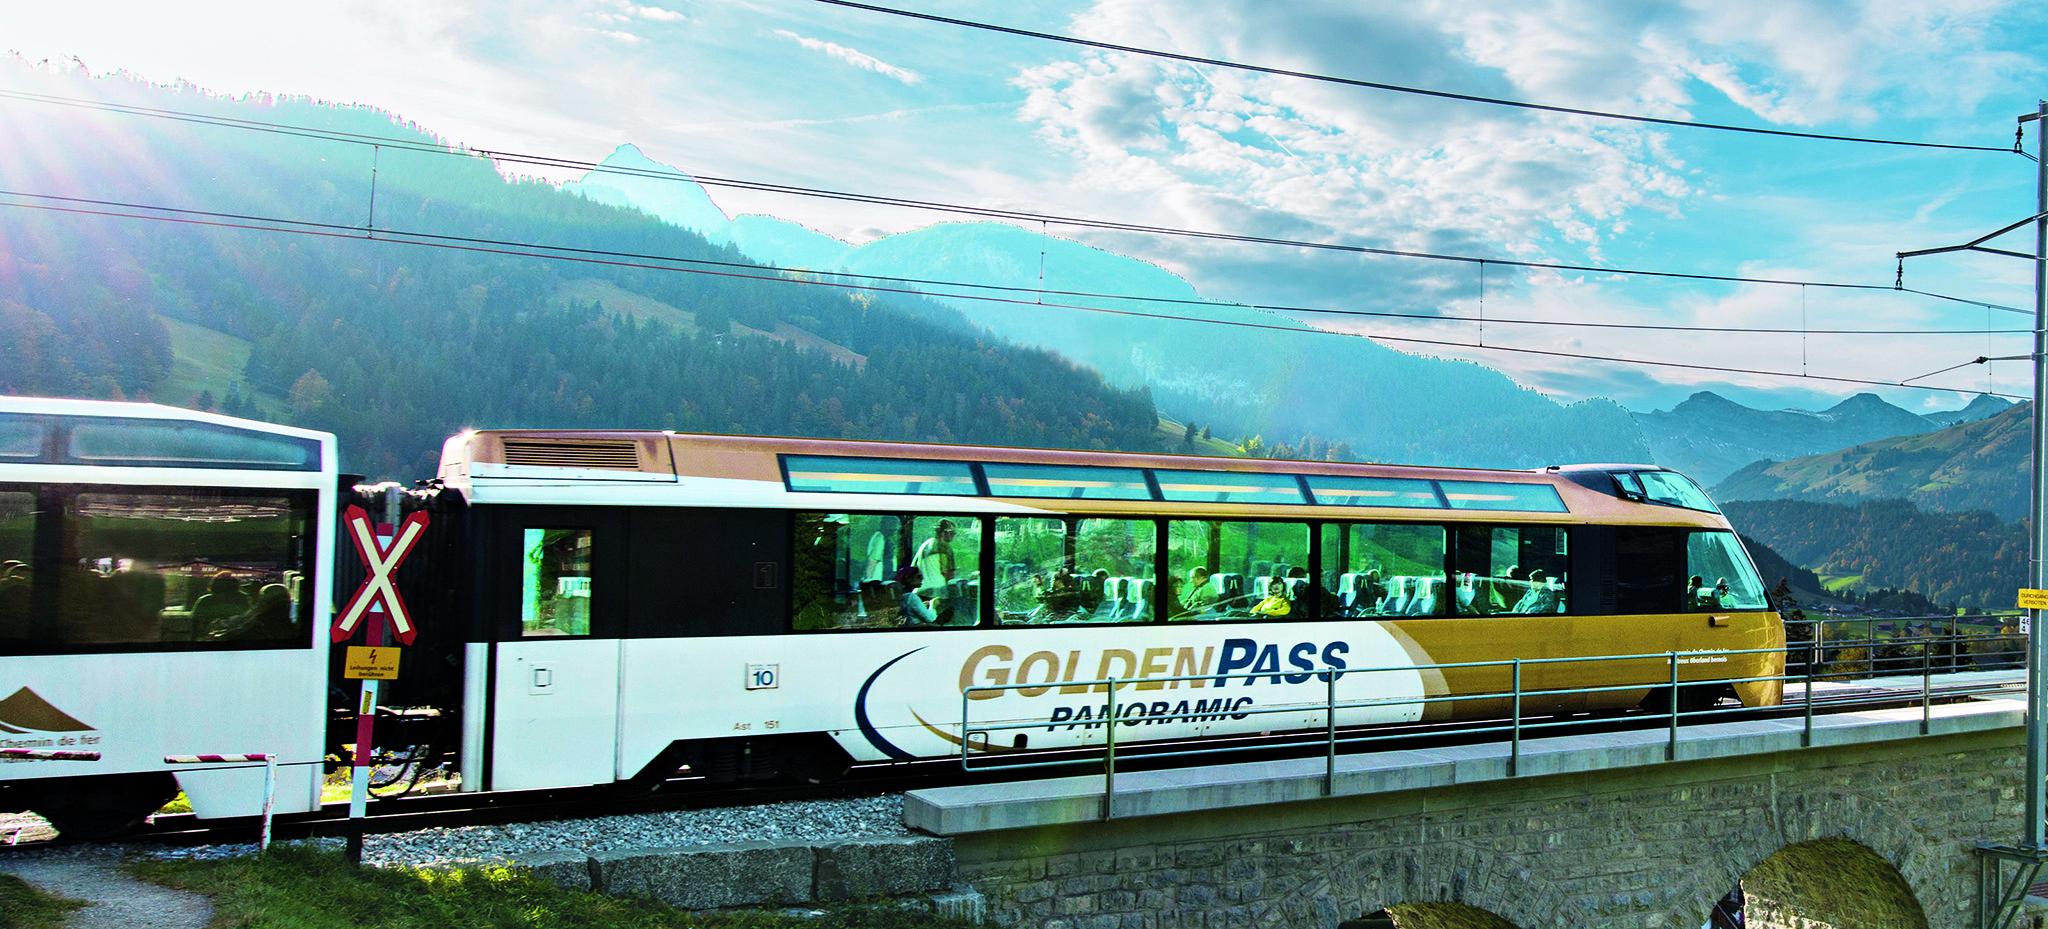 Golden Pass